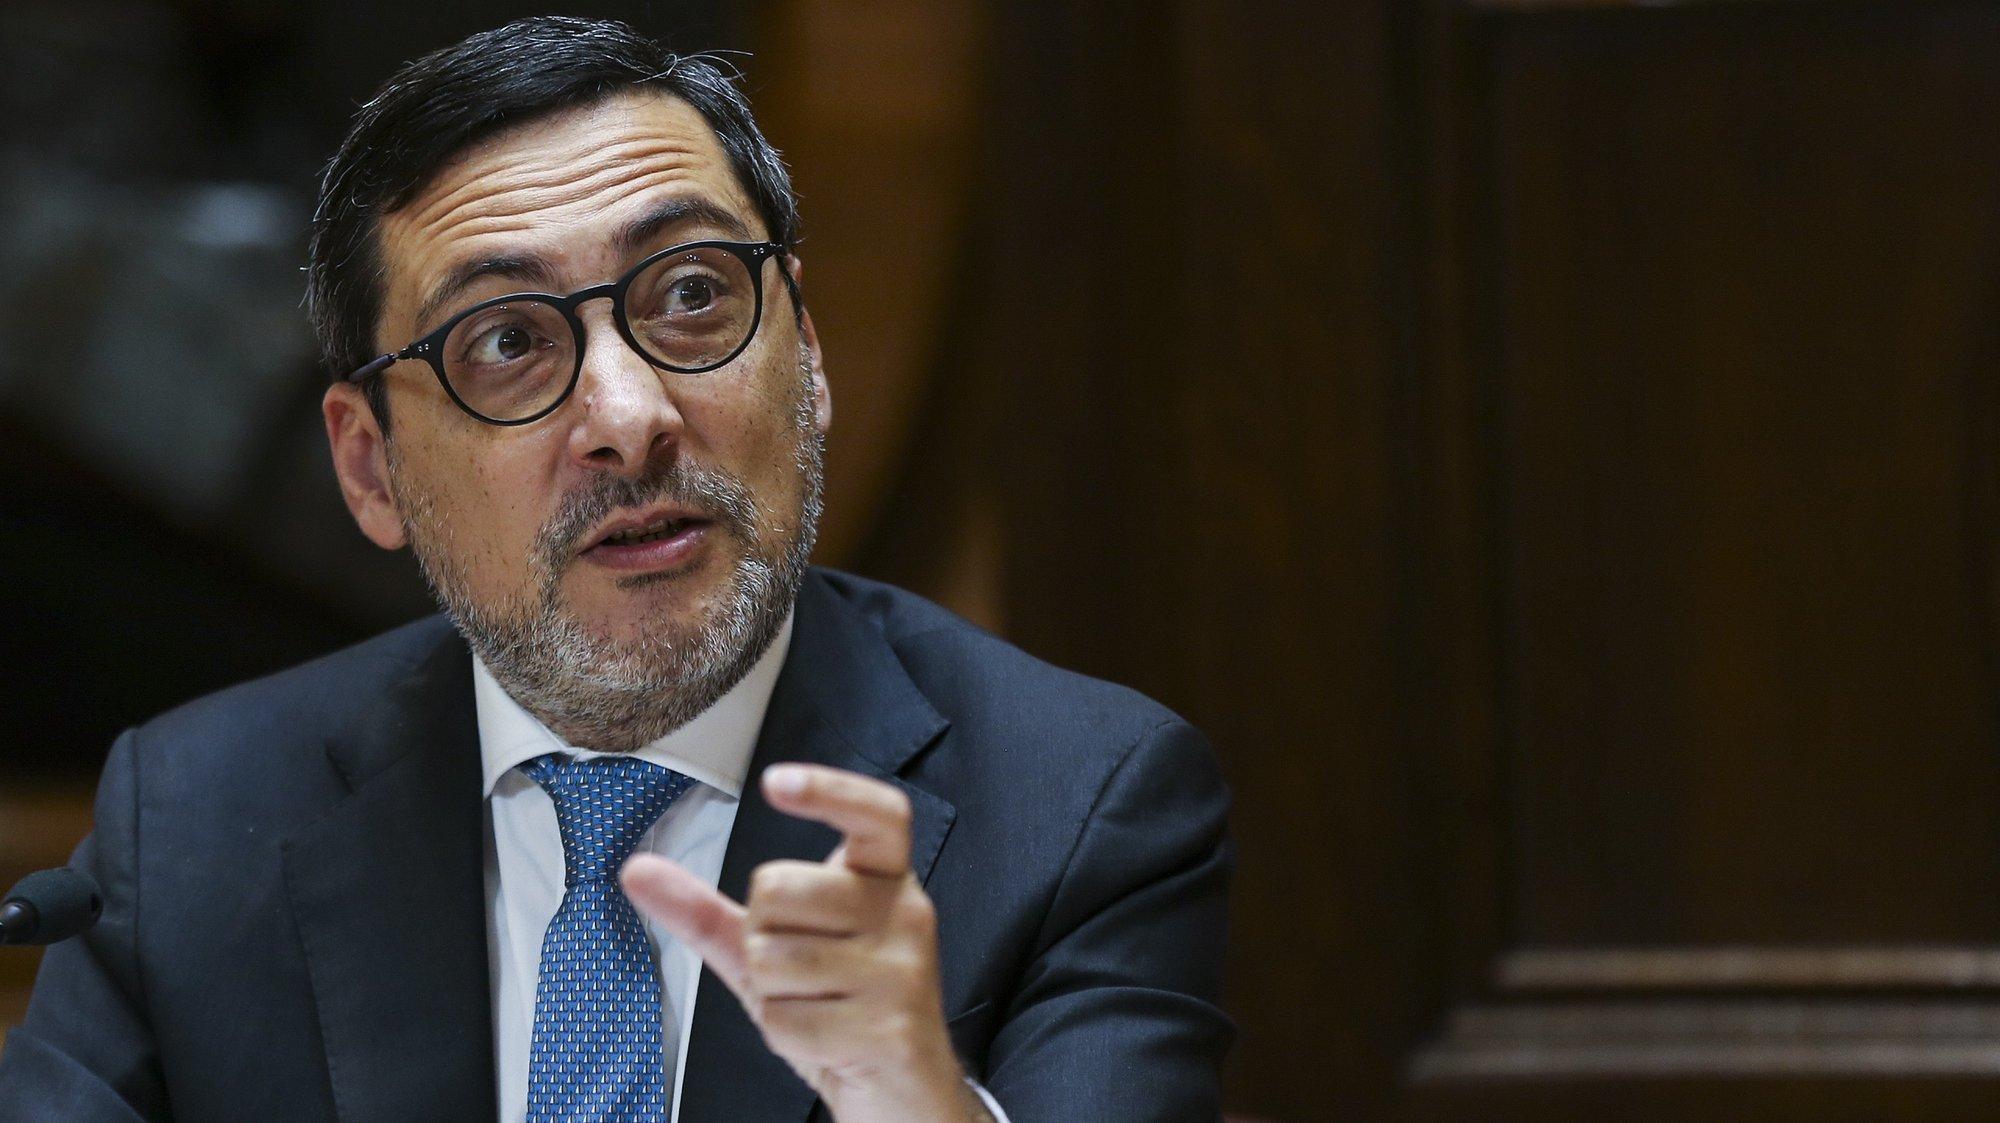 O secretário de Estado Adjunto dos Assuntos Fiscais, António Mendonça Mendes, intervém durante a sua audição perante a Comissão de Orçamento e Finanças, na Assembleia da República, em Lisboa, 03 de março de 2021. MANUEL DE ALMEIDA/LUSA